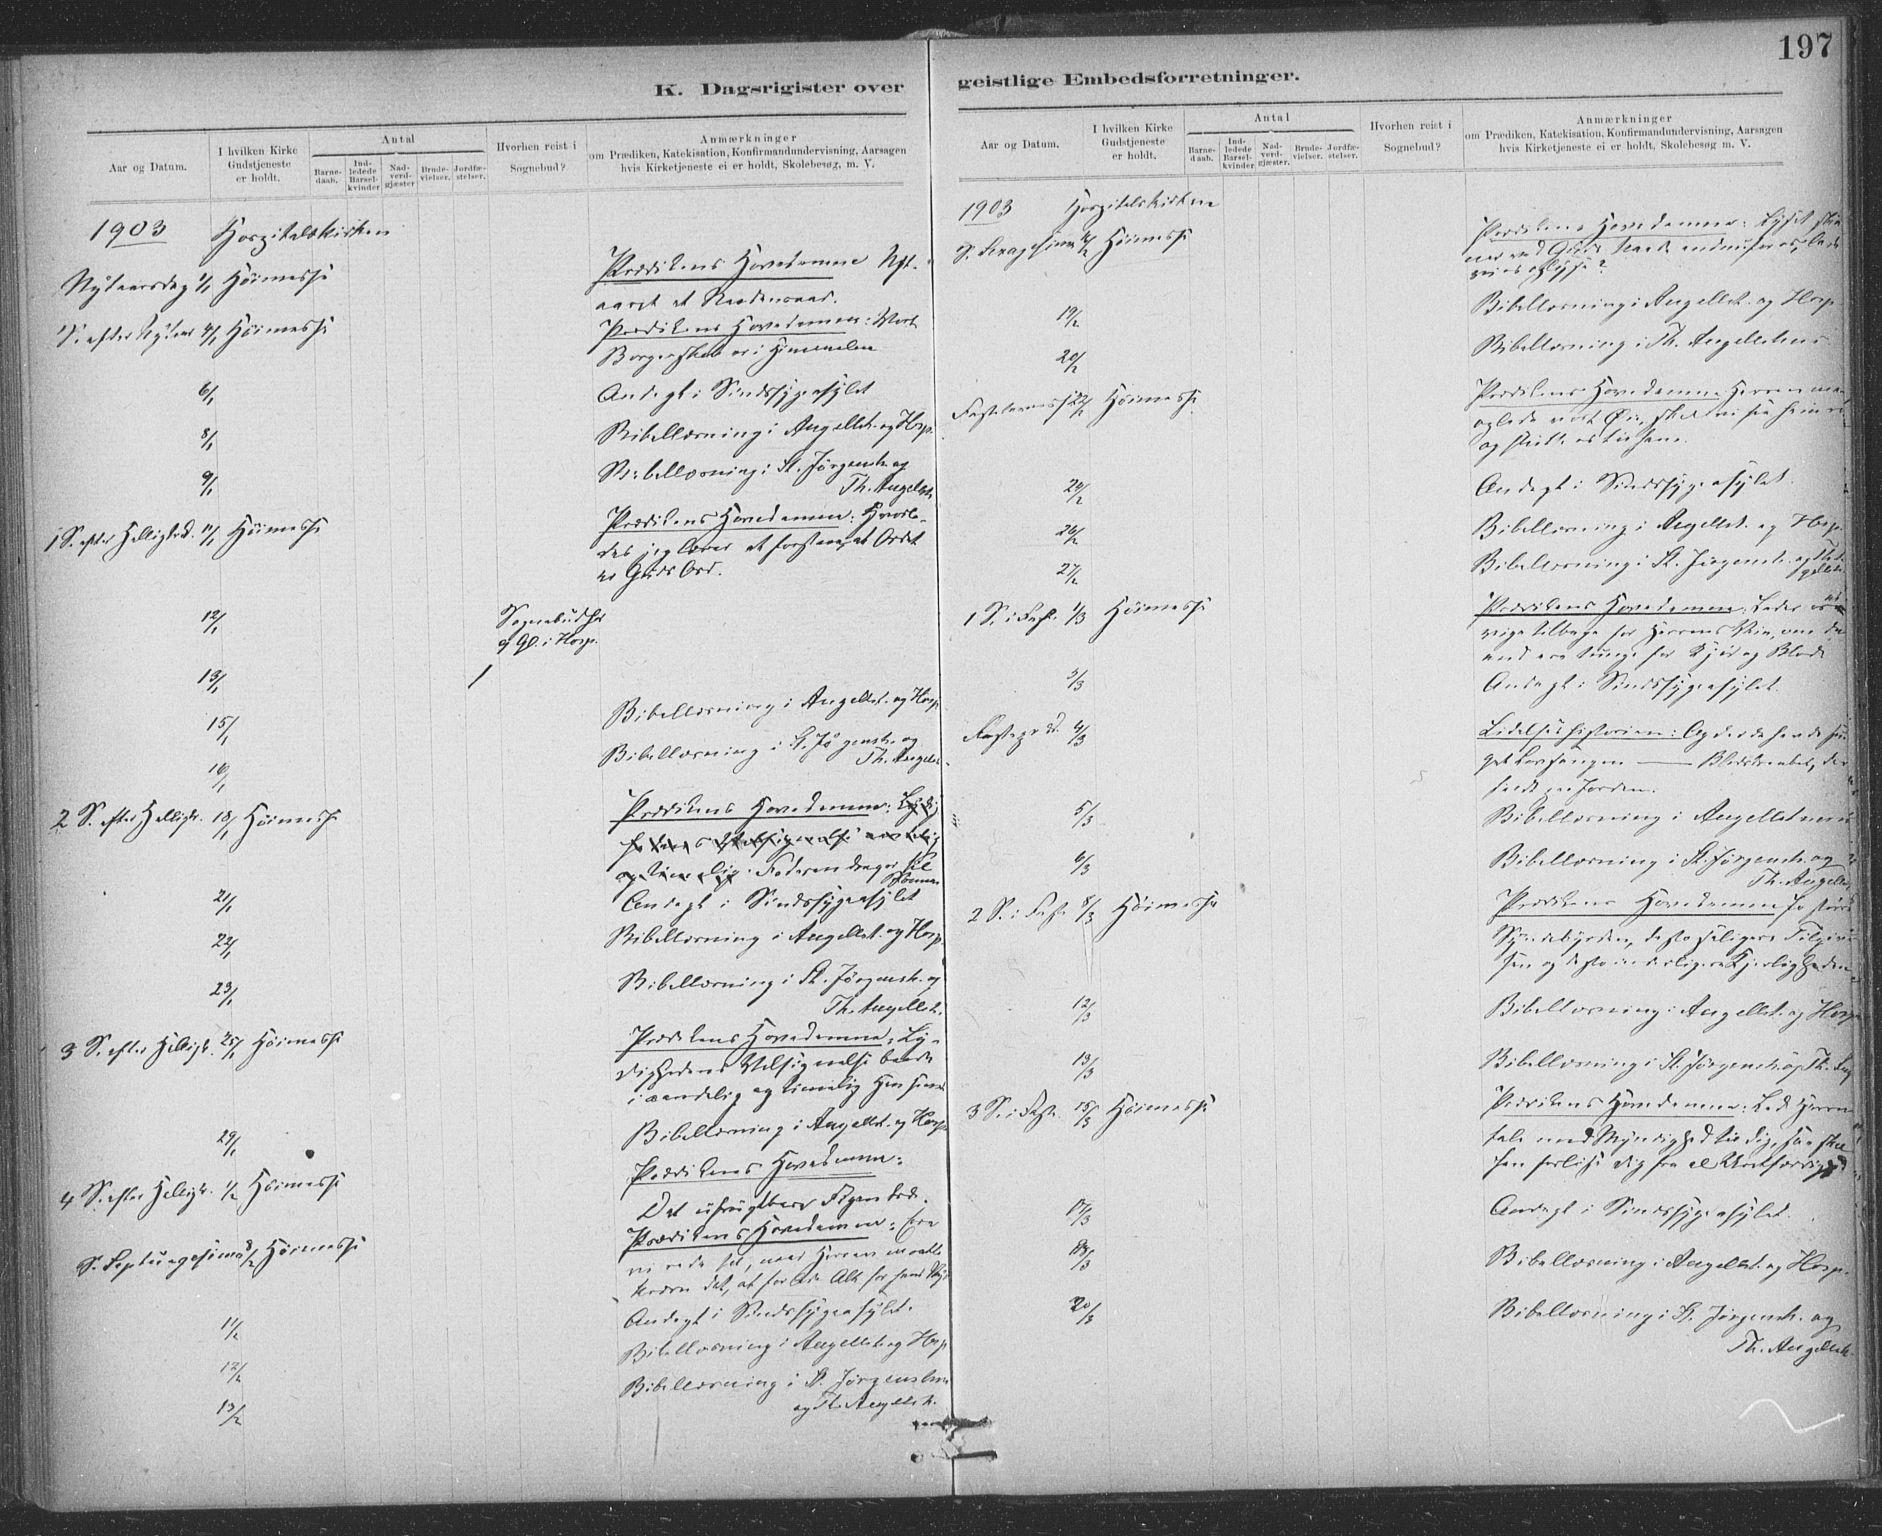 SAT, Ministerialprotokoller, klokkerbøker og fødselsregistre - Sør-Trøndelag, 623/L0470: Ministerialbok nr. 623A04, 1884-1938, s. 197